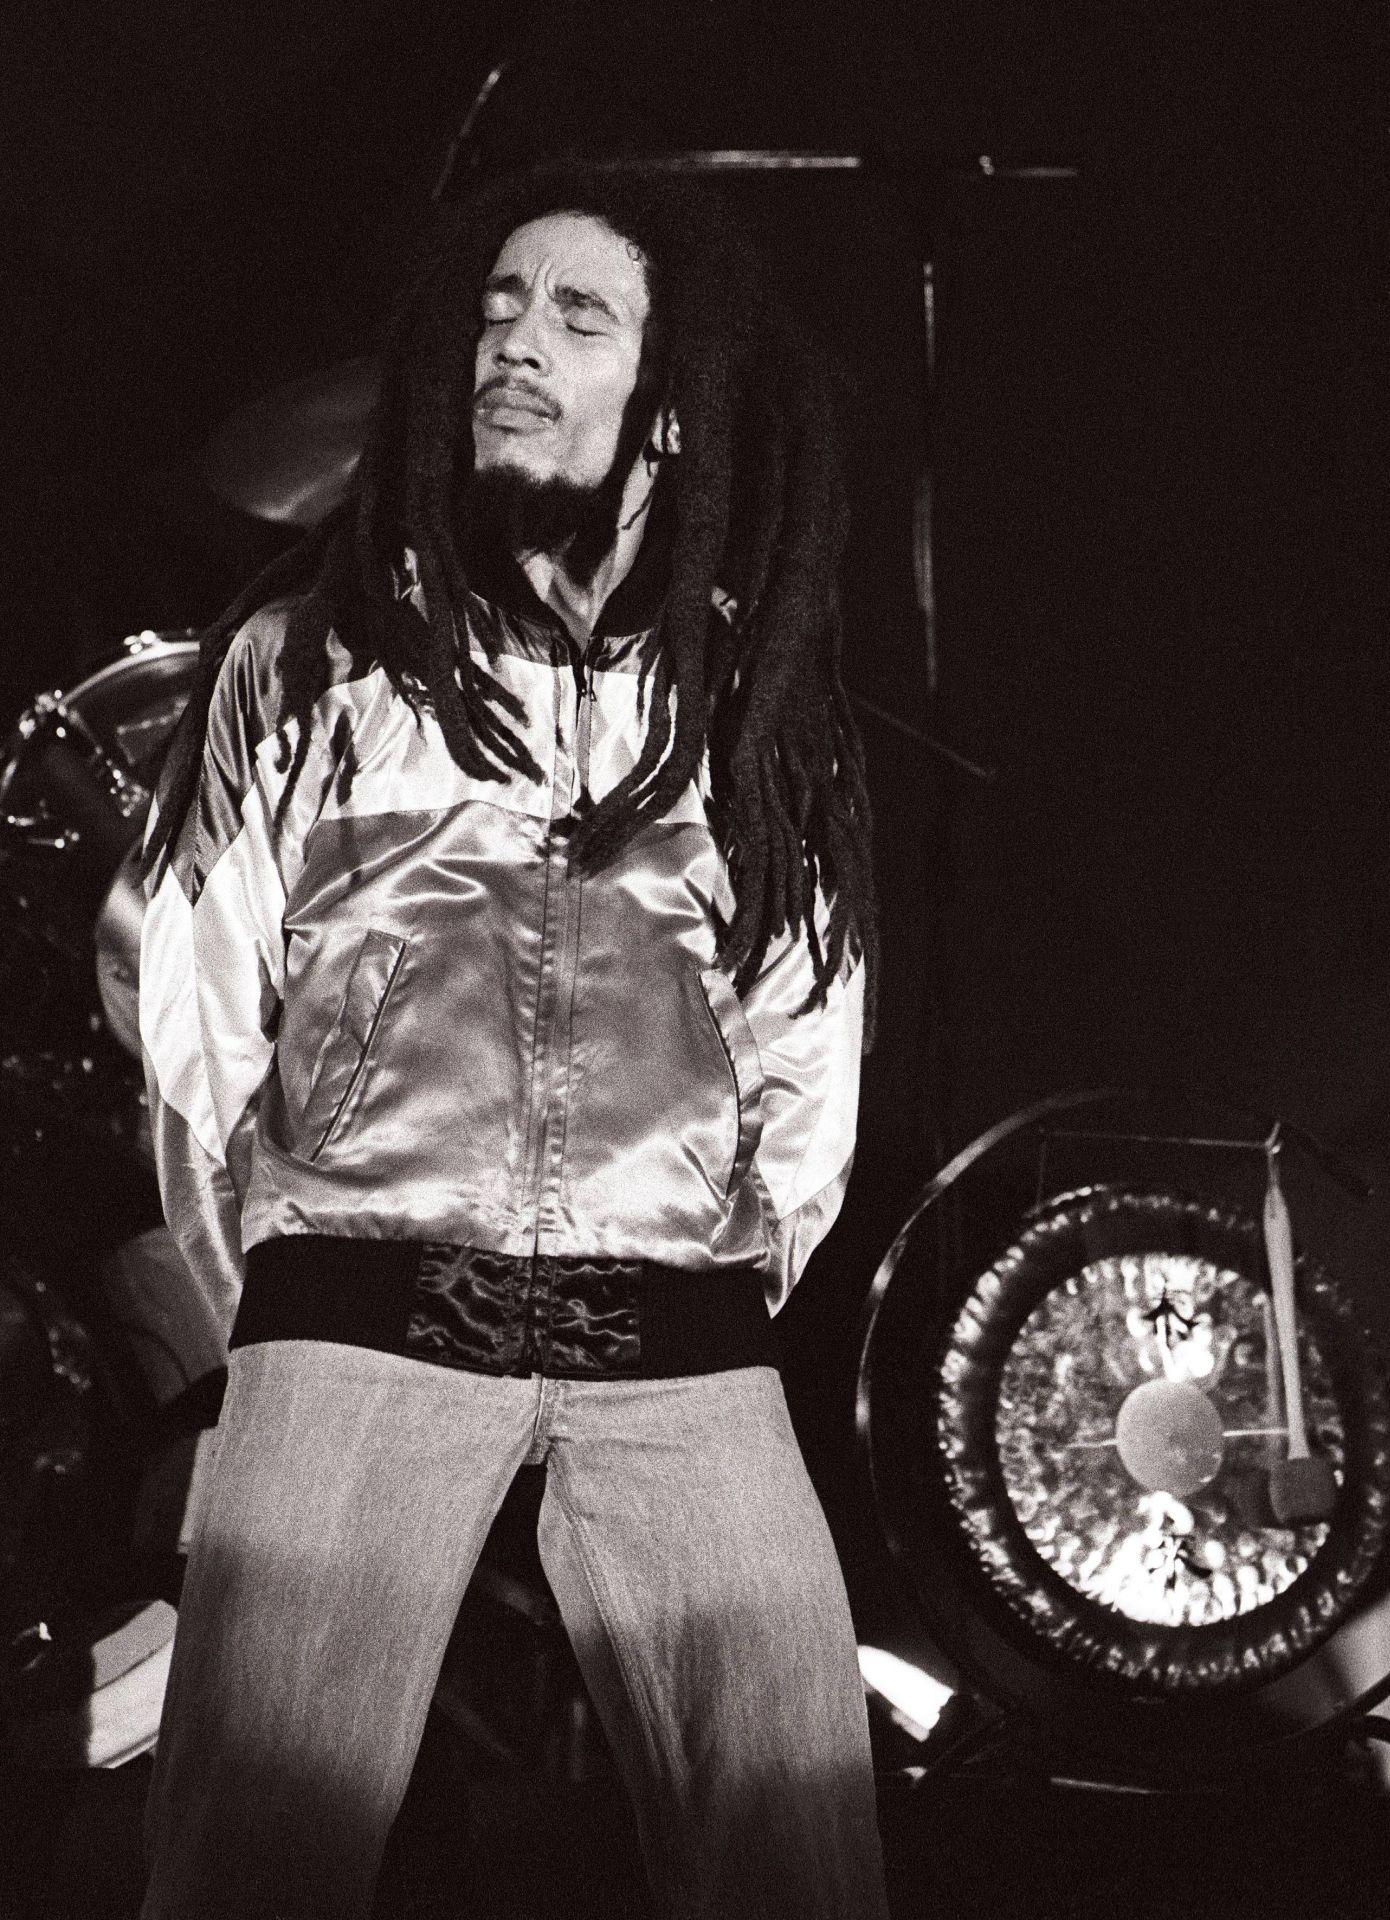 Bob Marley koncert közben, jellegzetes cipzáros melegítőfelsős szerelésében.